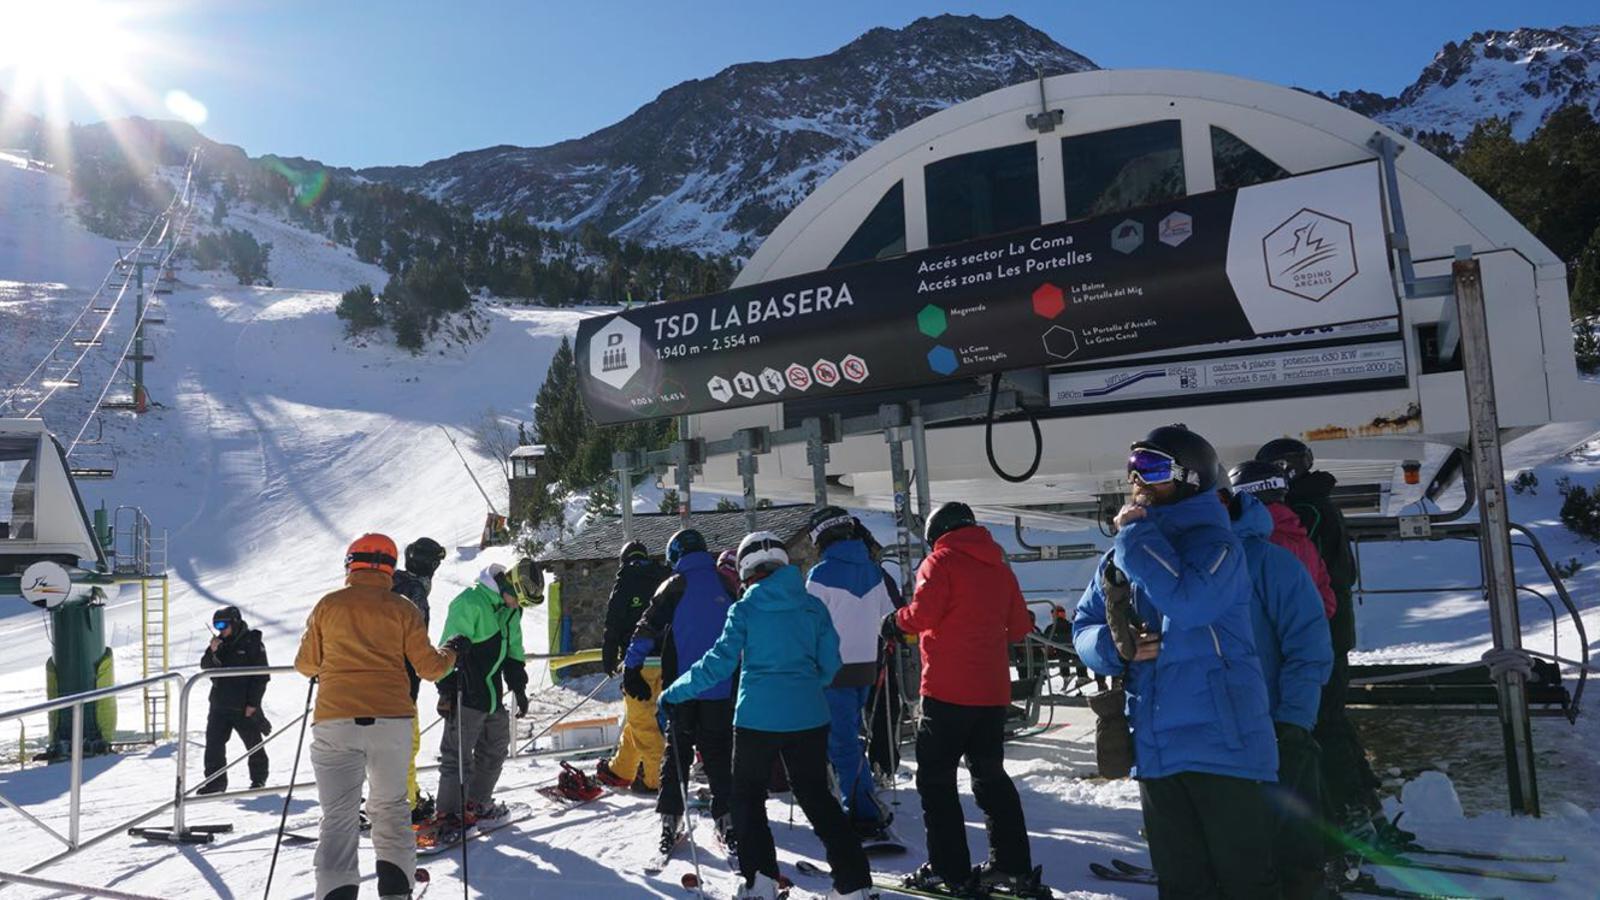 Un grup d'esquiadors a Vallnord-Ordino Arcalís. / VALLNORD